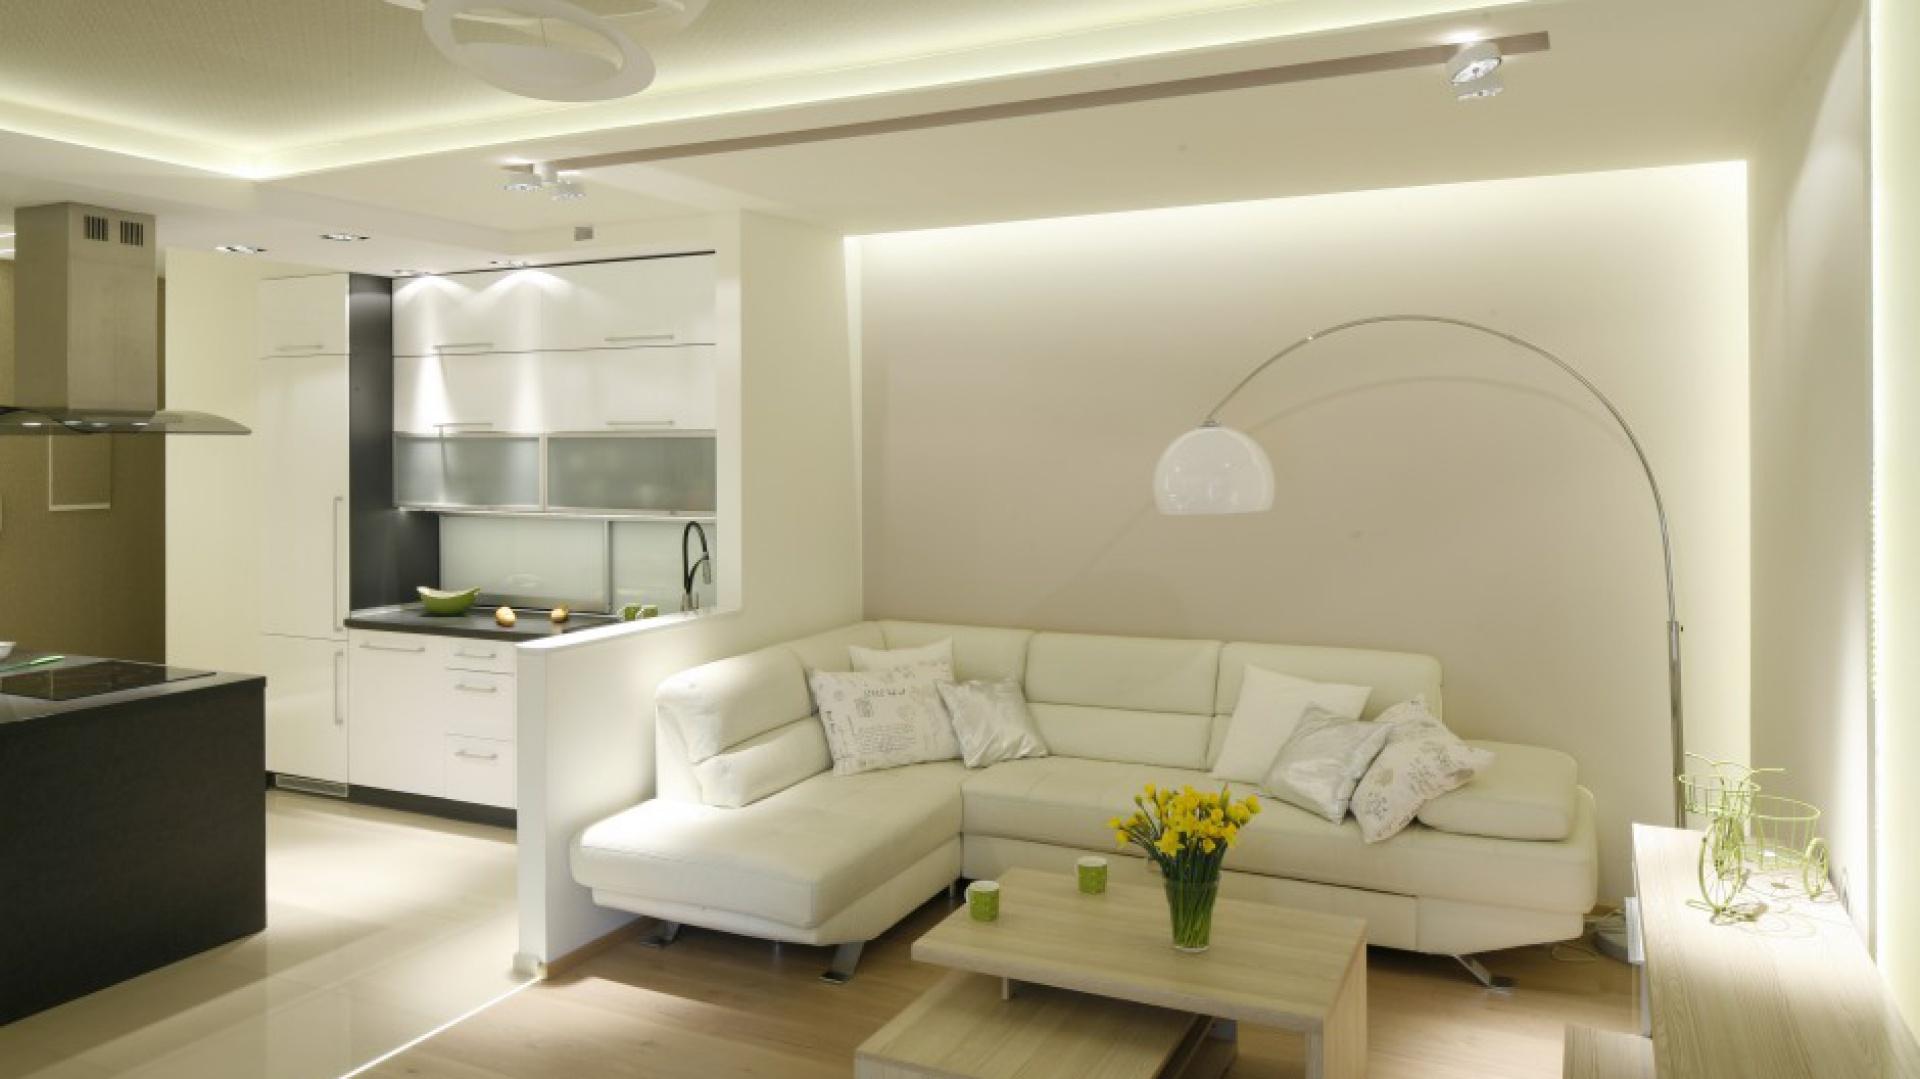 Priorytetem przy aranżacji mieszkania było oświetlenie, które w połączeniu z jasną kolorystyką mebli i ścian dało efekt rozświetlonego wnętrza. Światło delikatnie wydobywa się z \